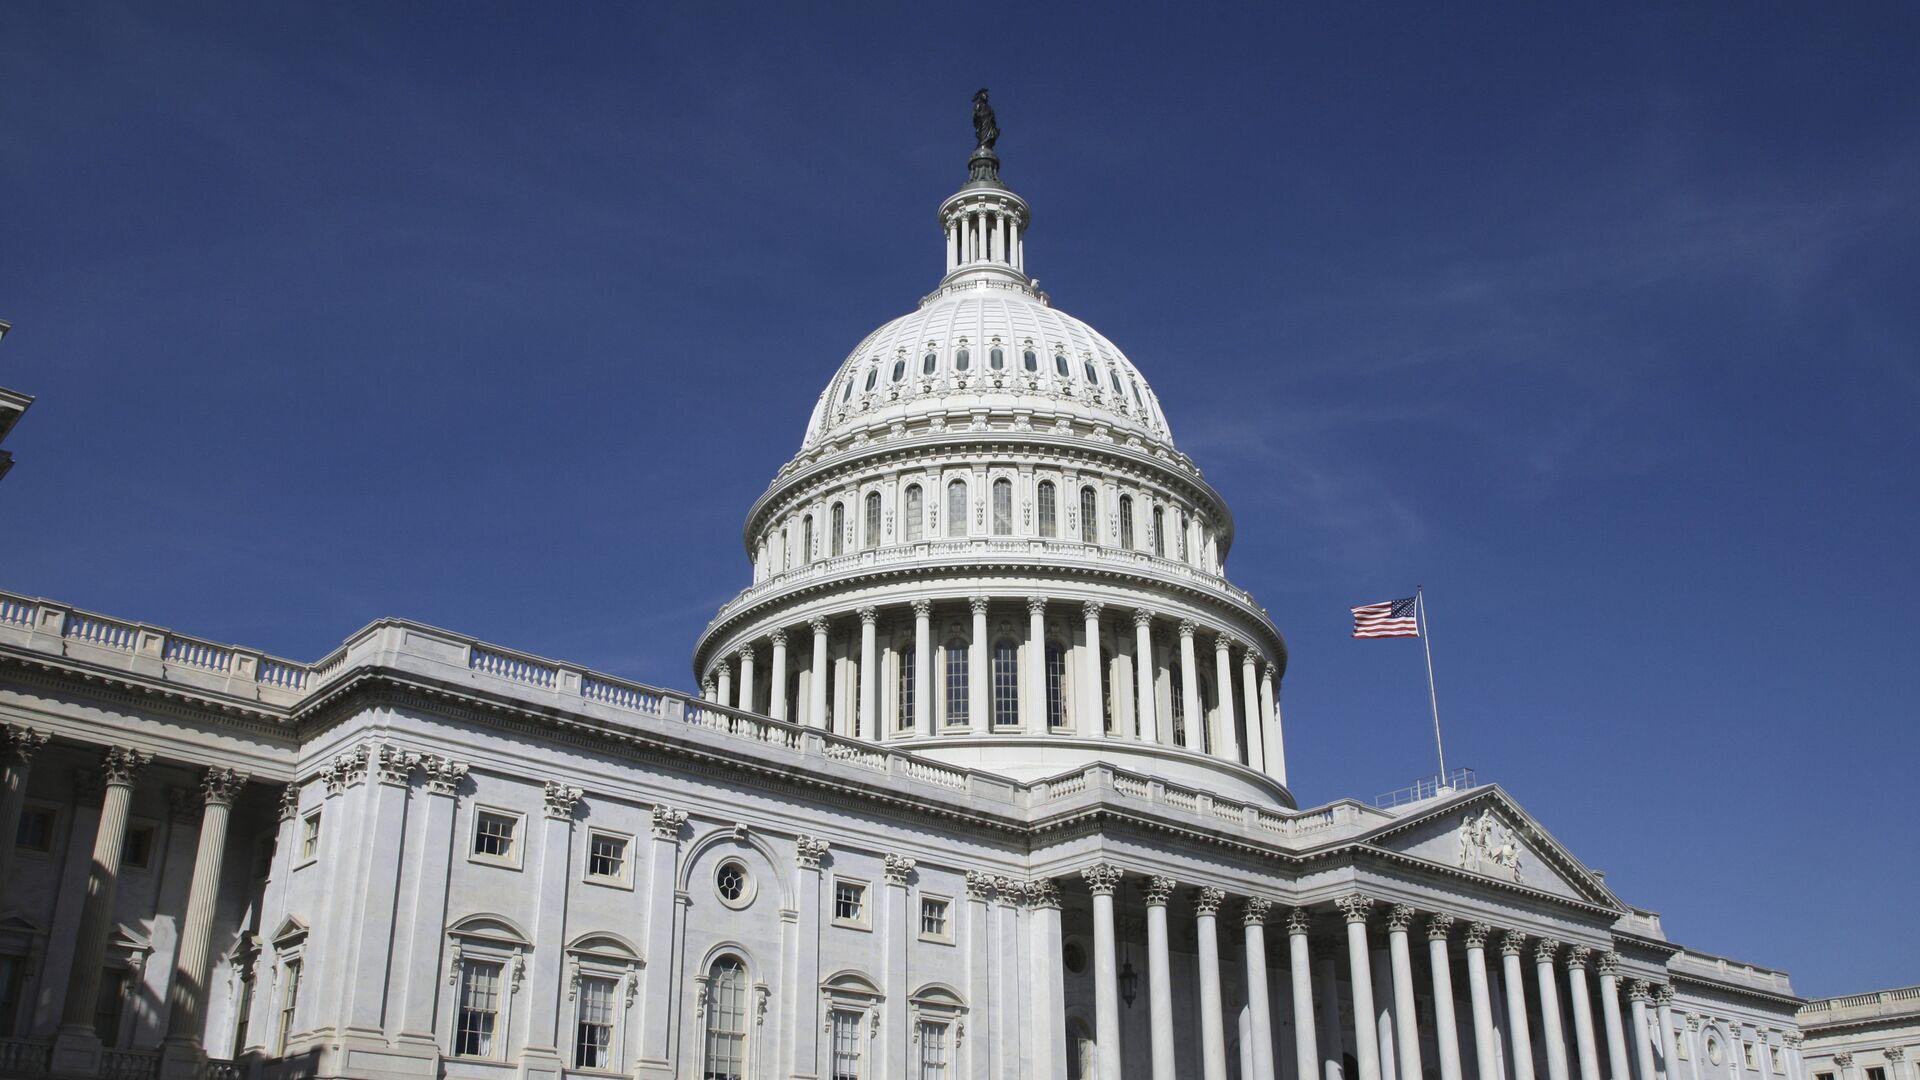 Здание конгресса США в Вашингтоне - РИА Новости, 1920, 31.07.2021